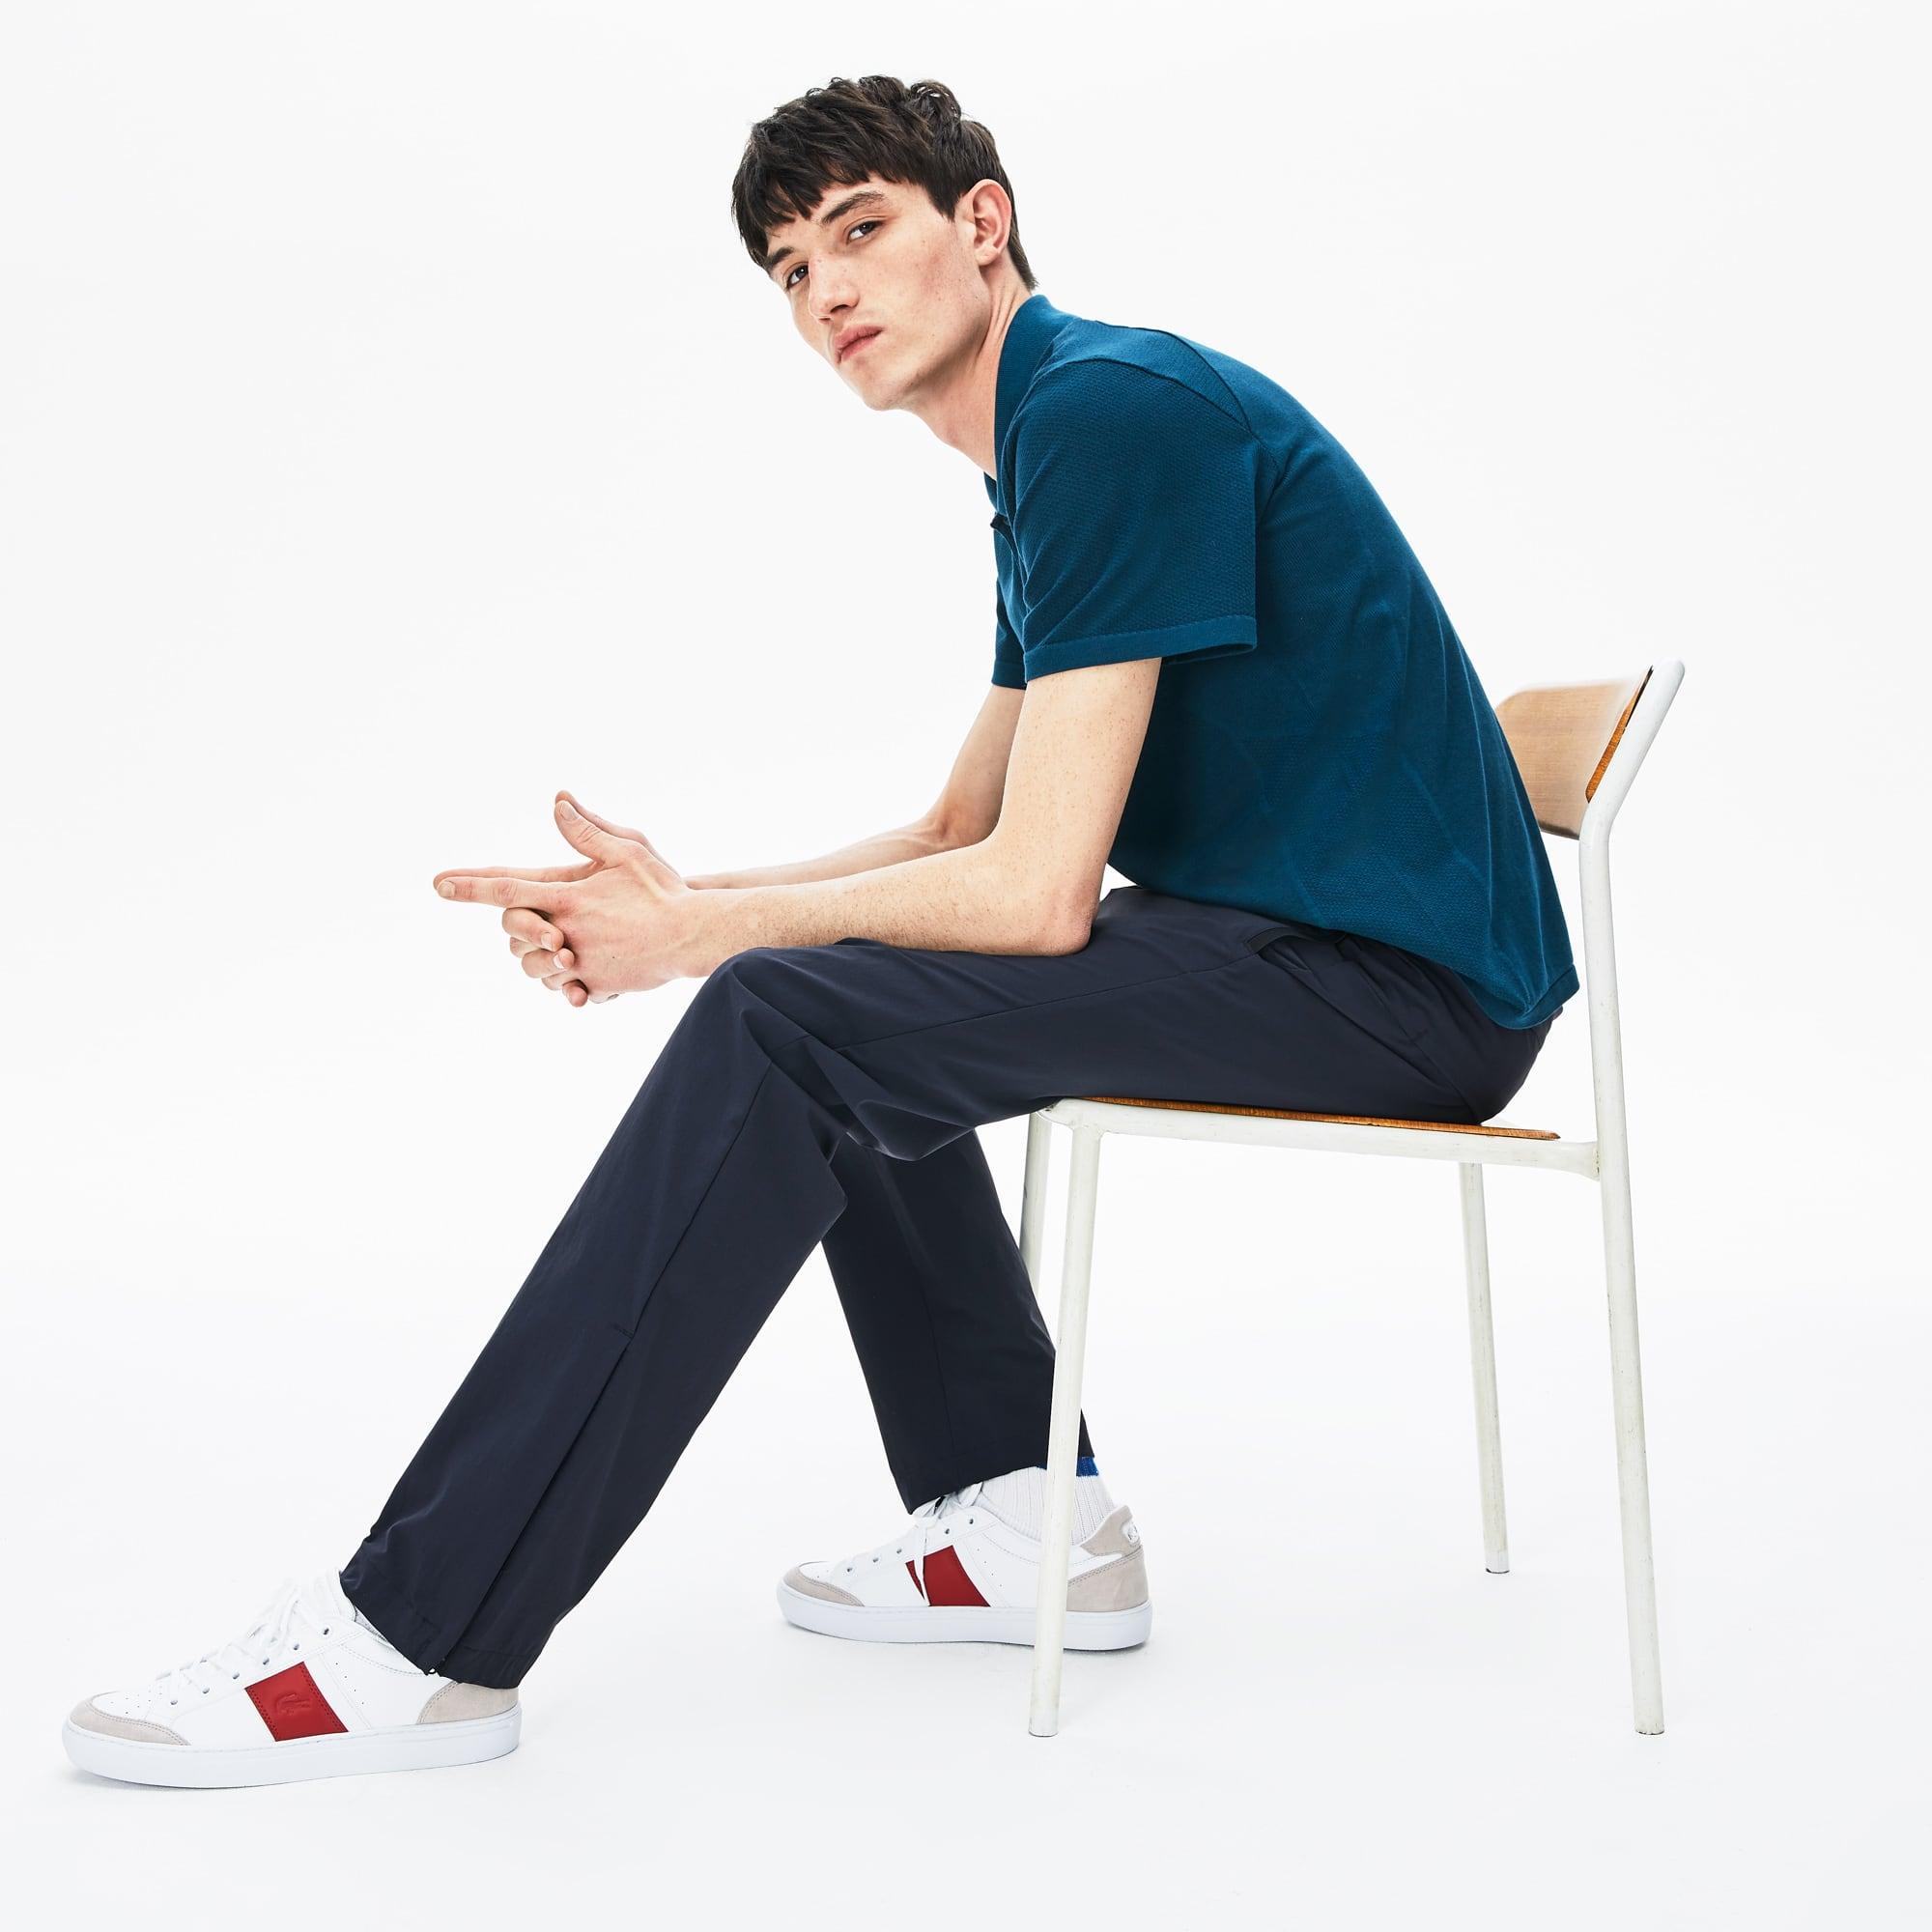 Lacoste Pants Men's Motion Breathable Stretch Pants